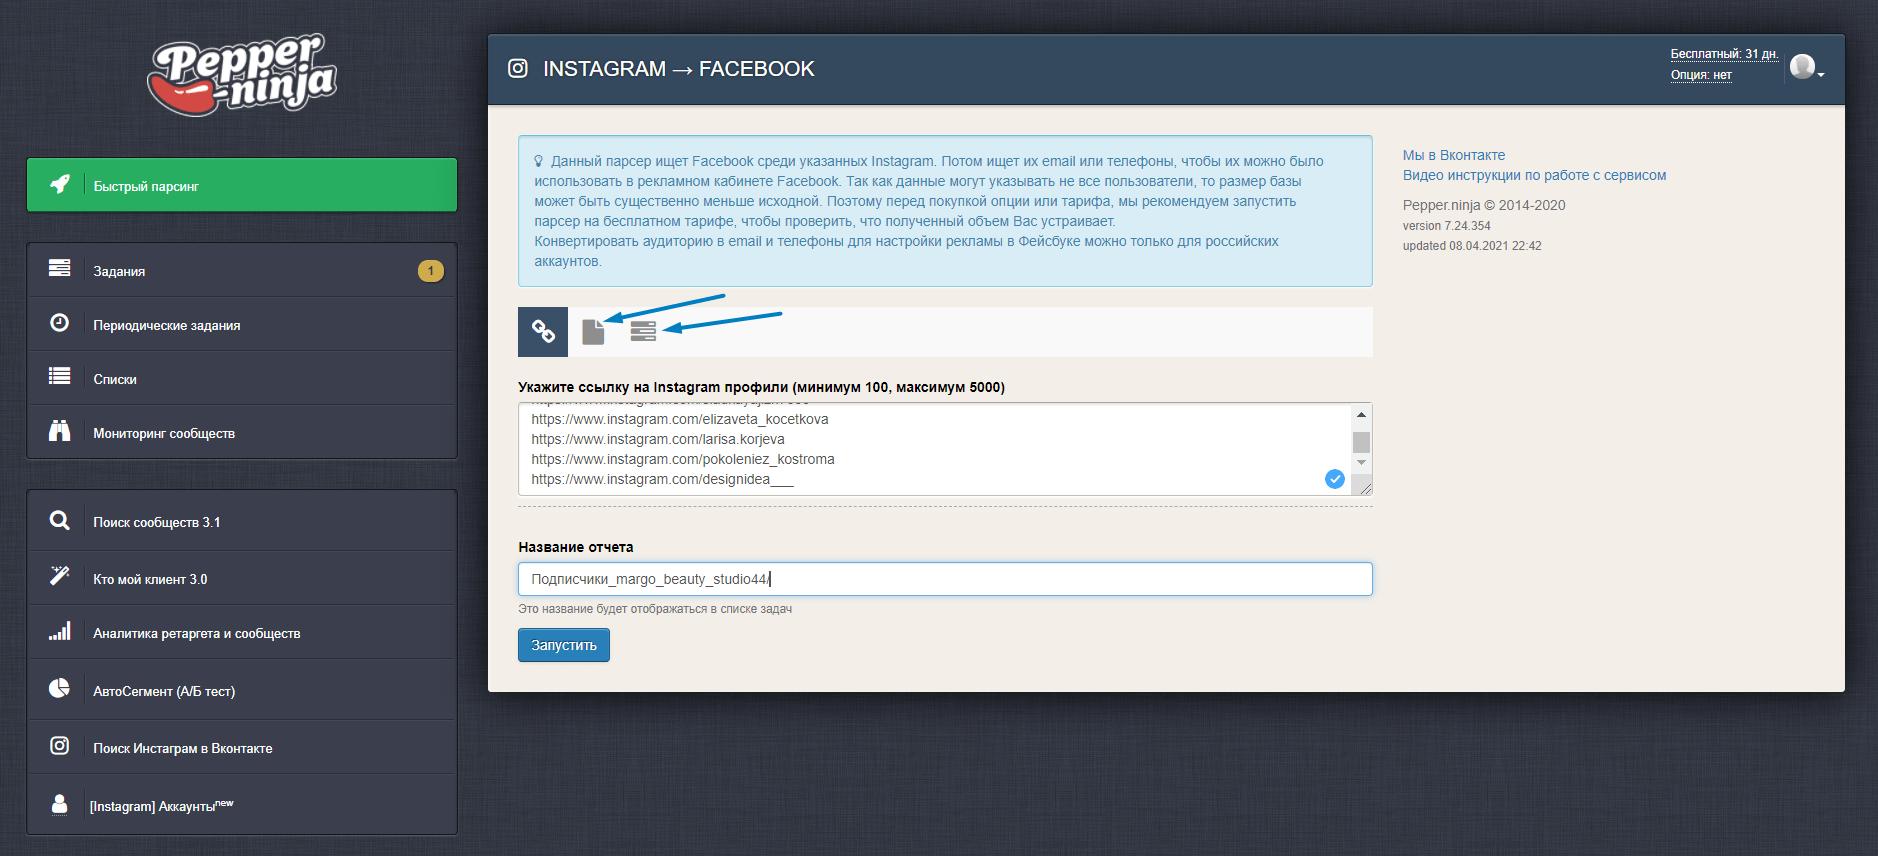 Базу для обработки можно также загрузить файлом или выбрать задачу, в которой вы ее собирали